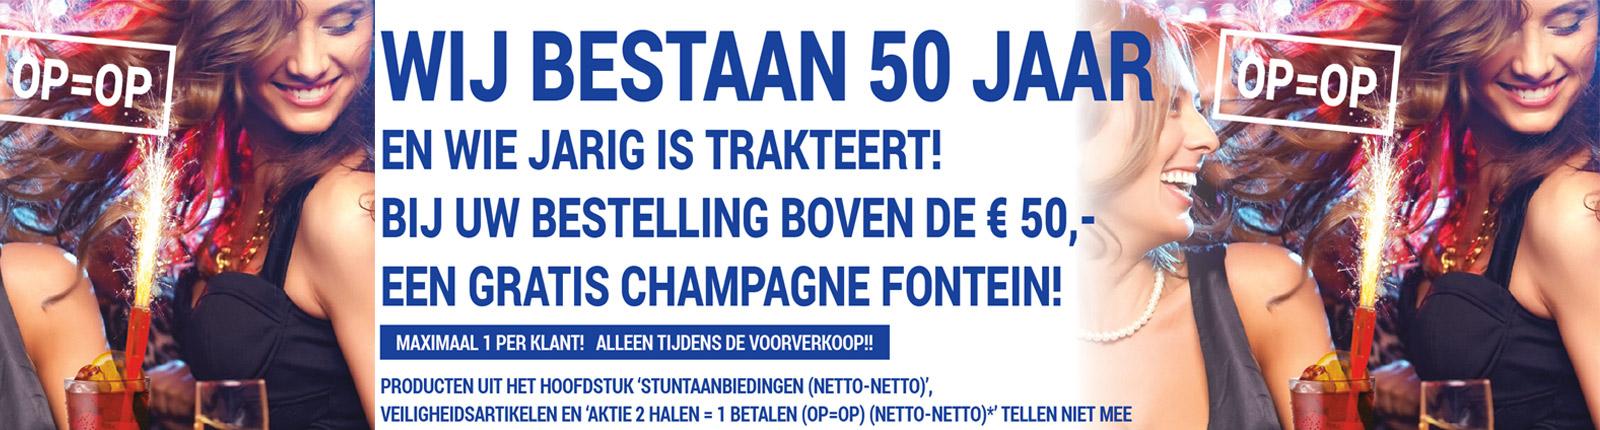 Wij bestaan 50 jaar!